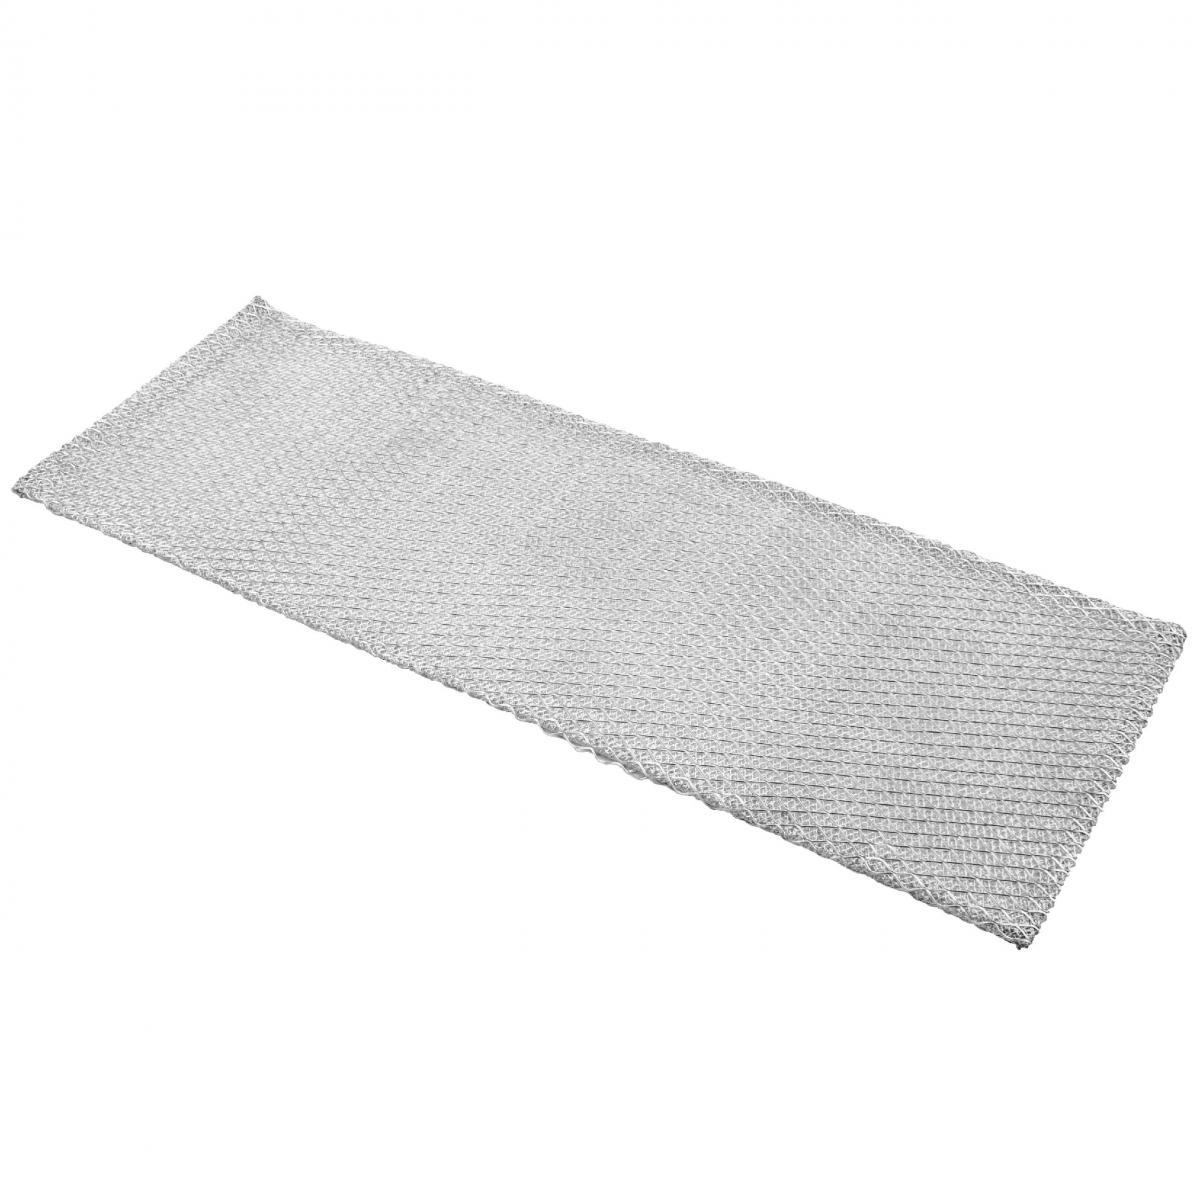 Vhbw vhbw Filtrepermanent filtre à graisse métallique 45,2 x 16 x 0,35 cm convient pour Bauknecht DNV 3260 857428801070 hotte